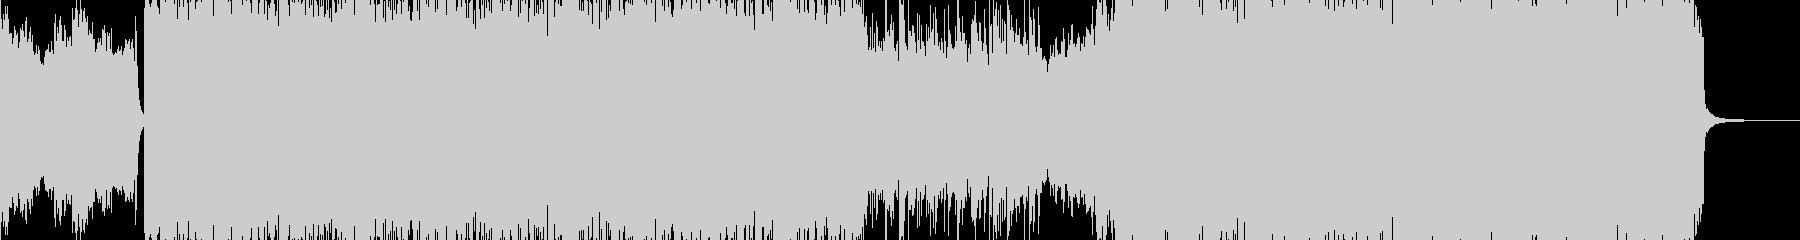 鬼・地獄の業火・ヘビー級ロック 短尺+の未再生の波形